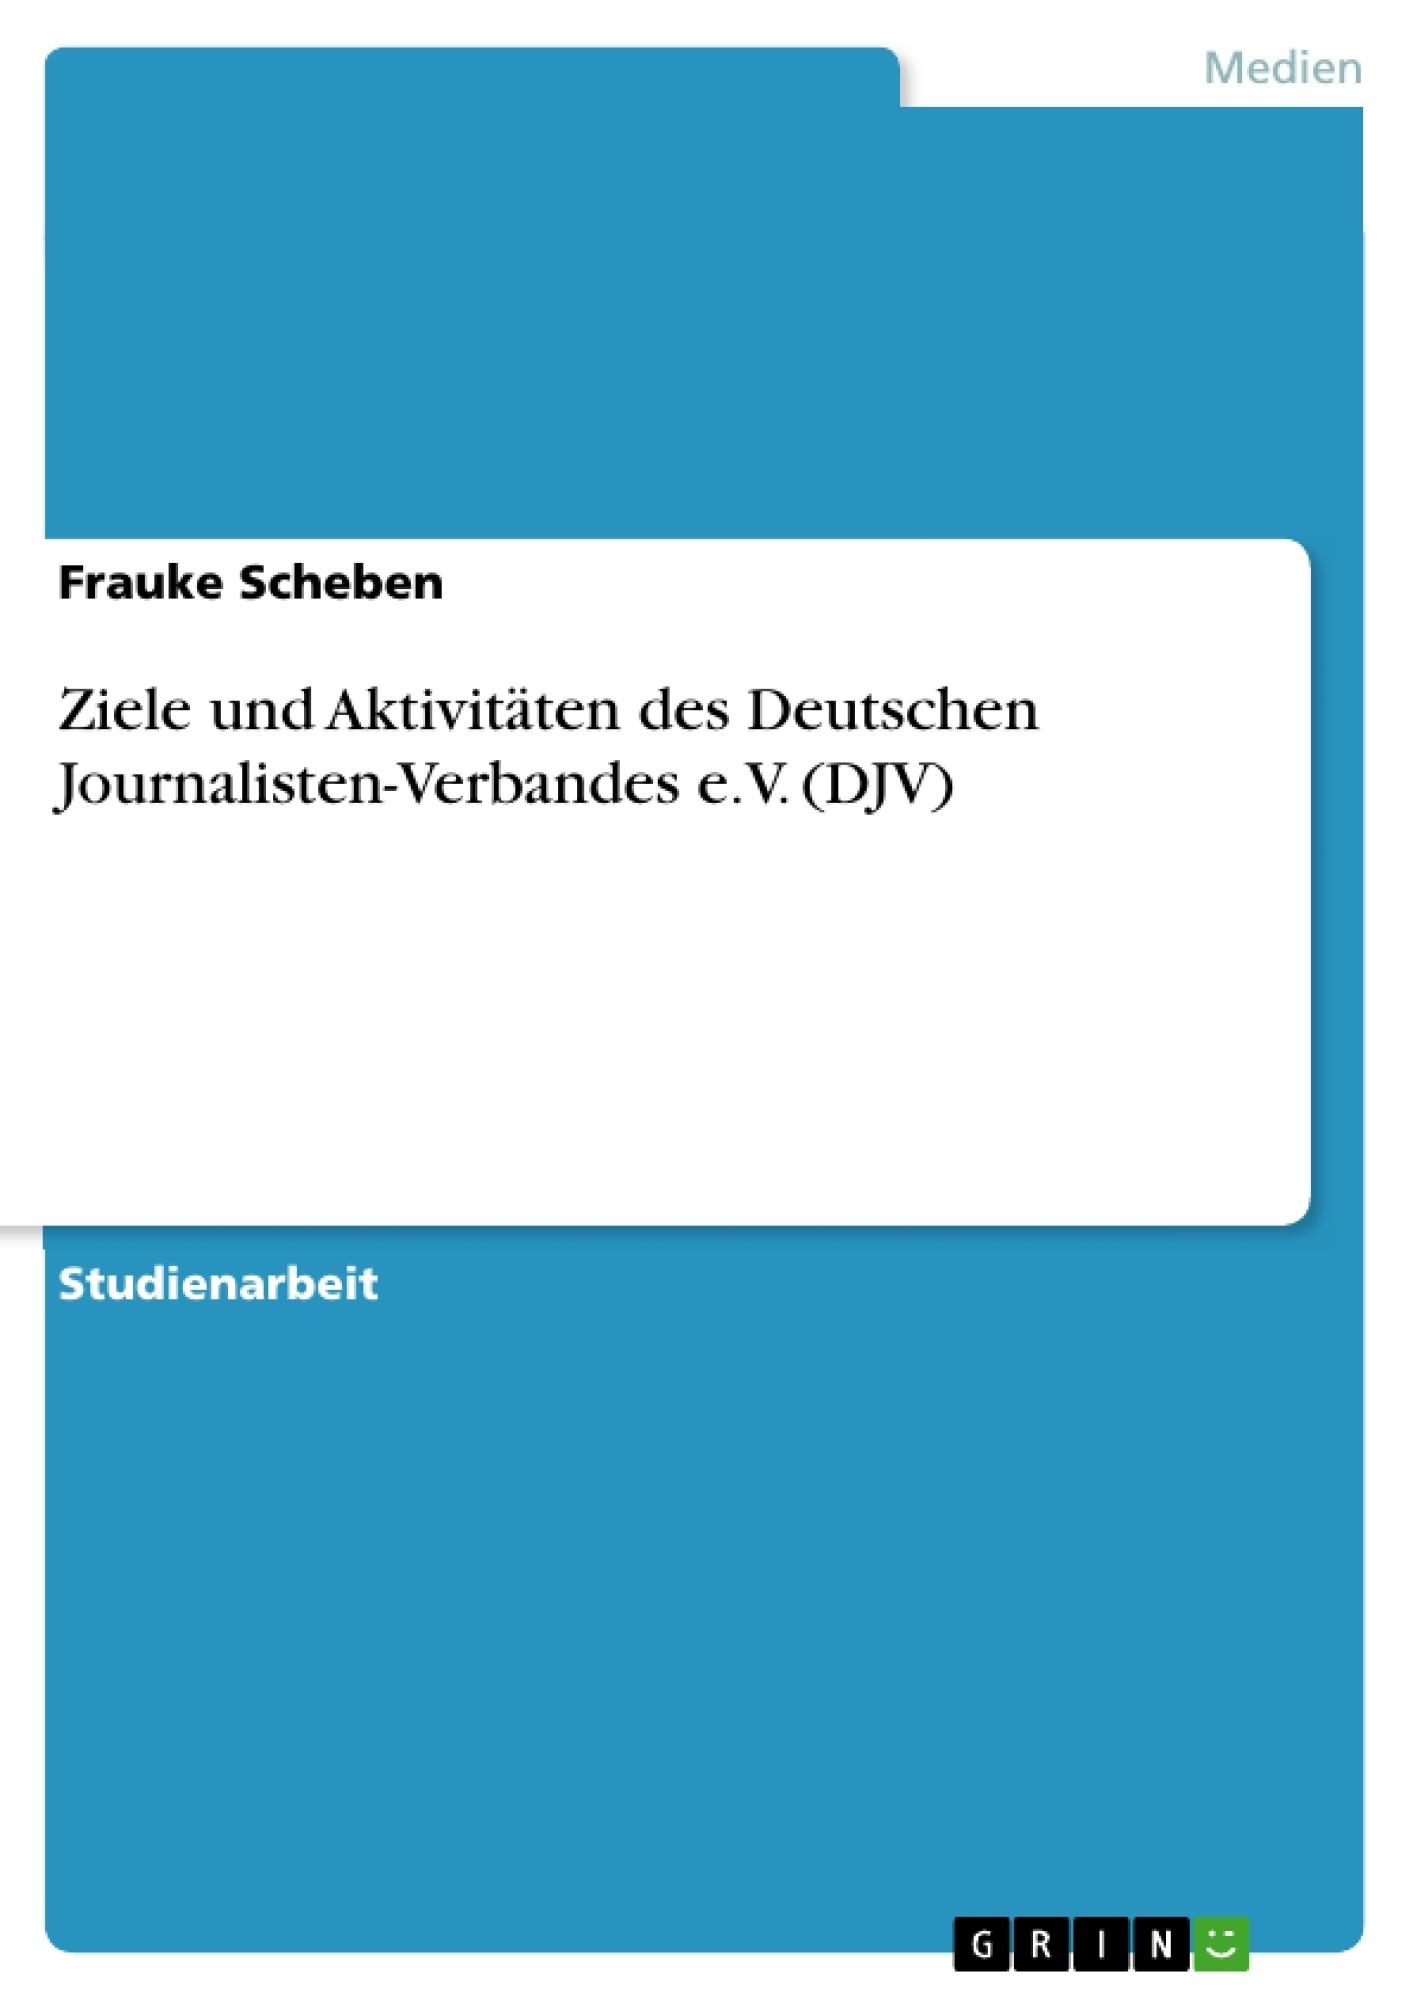 Titel: Ziele und Aktivitäten des Deutschen Journalisten-Verbandes e.V. (DJV)